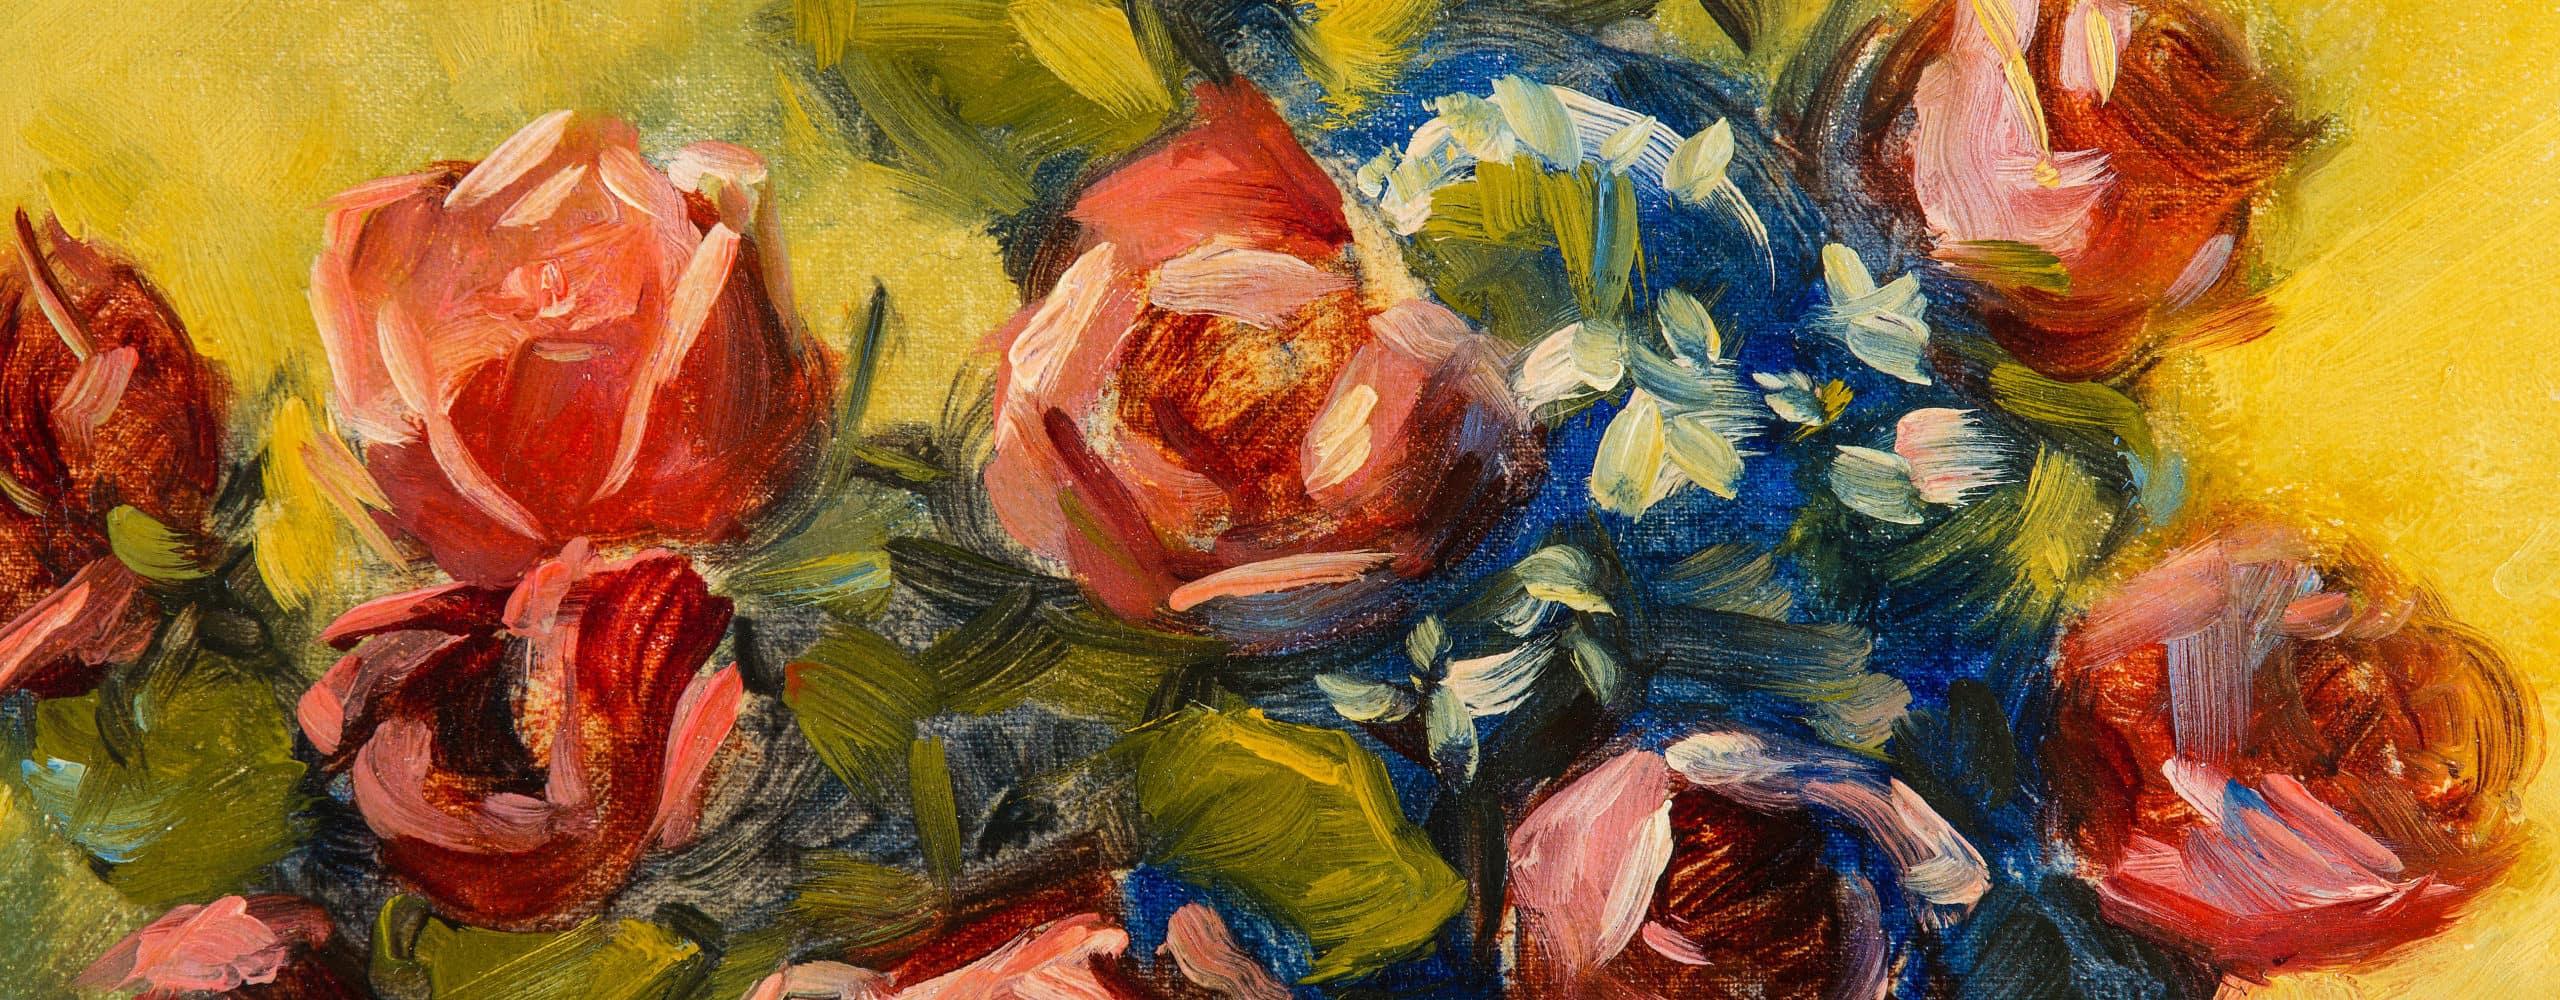 Stillleben mit Rosen und Äpfeln | 1922